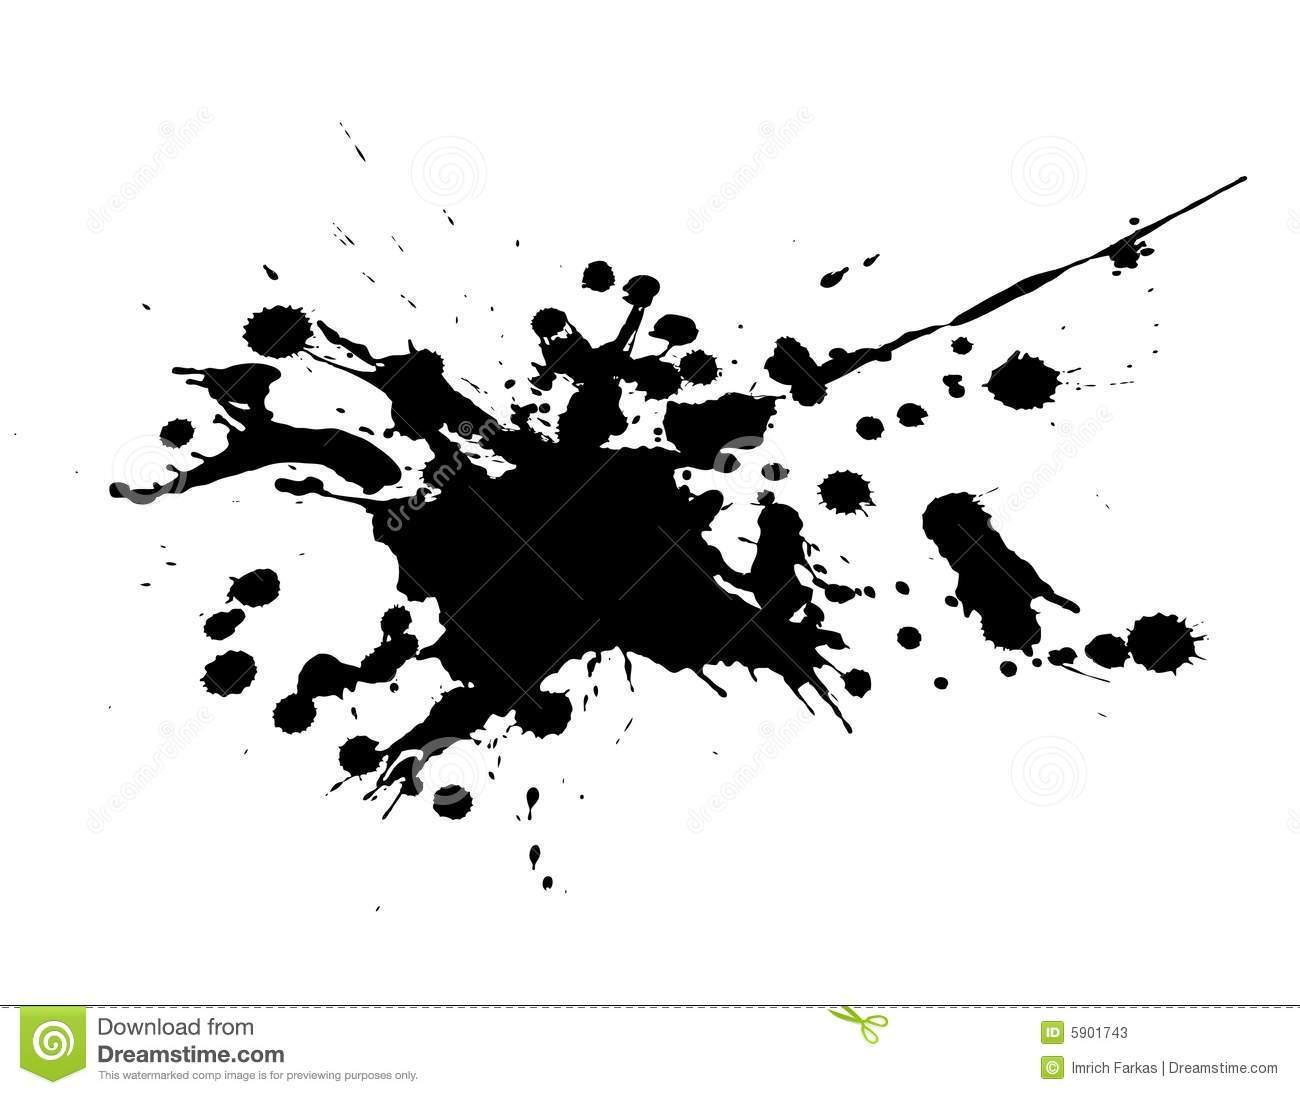 Splash clipart black and white 4 » Clipart Portal.